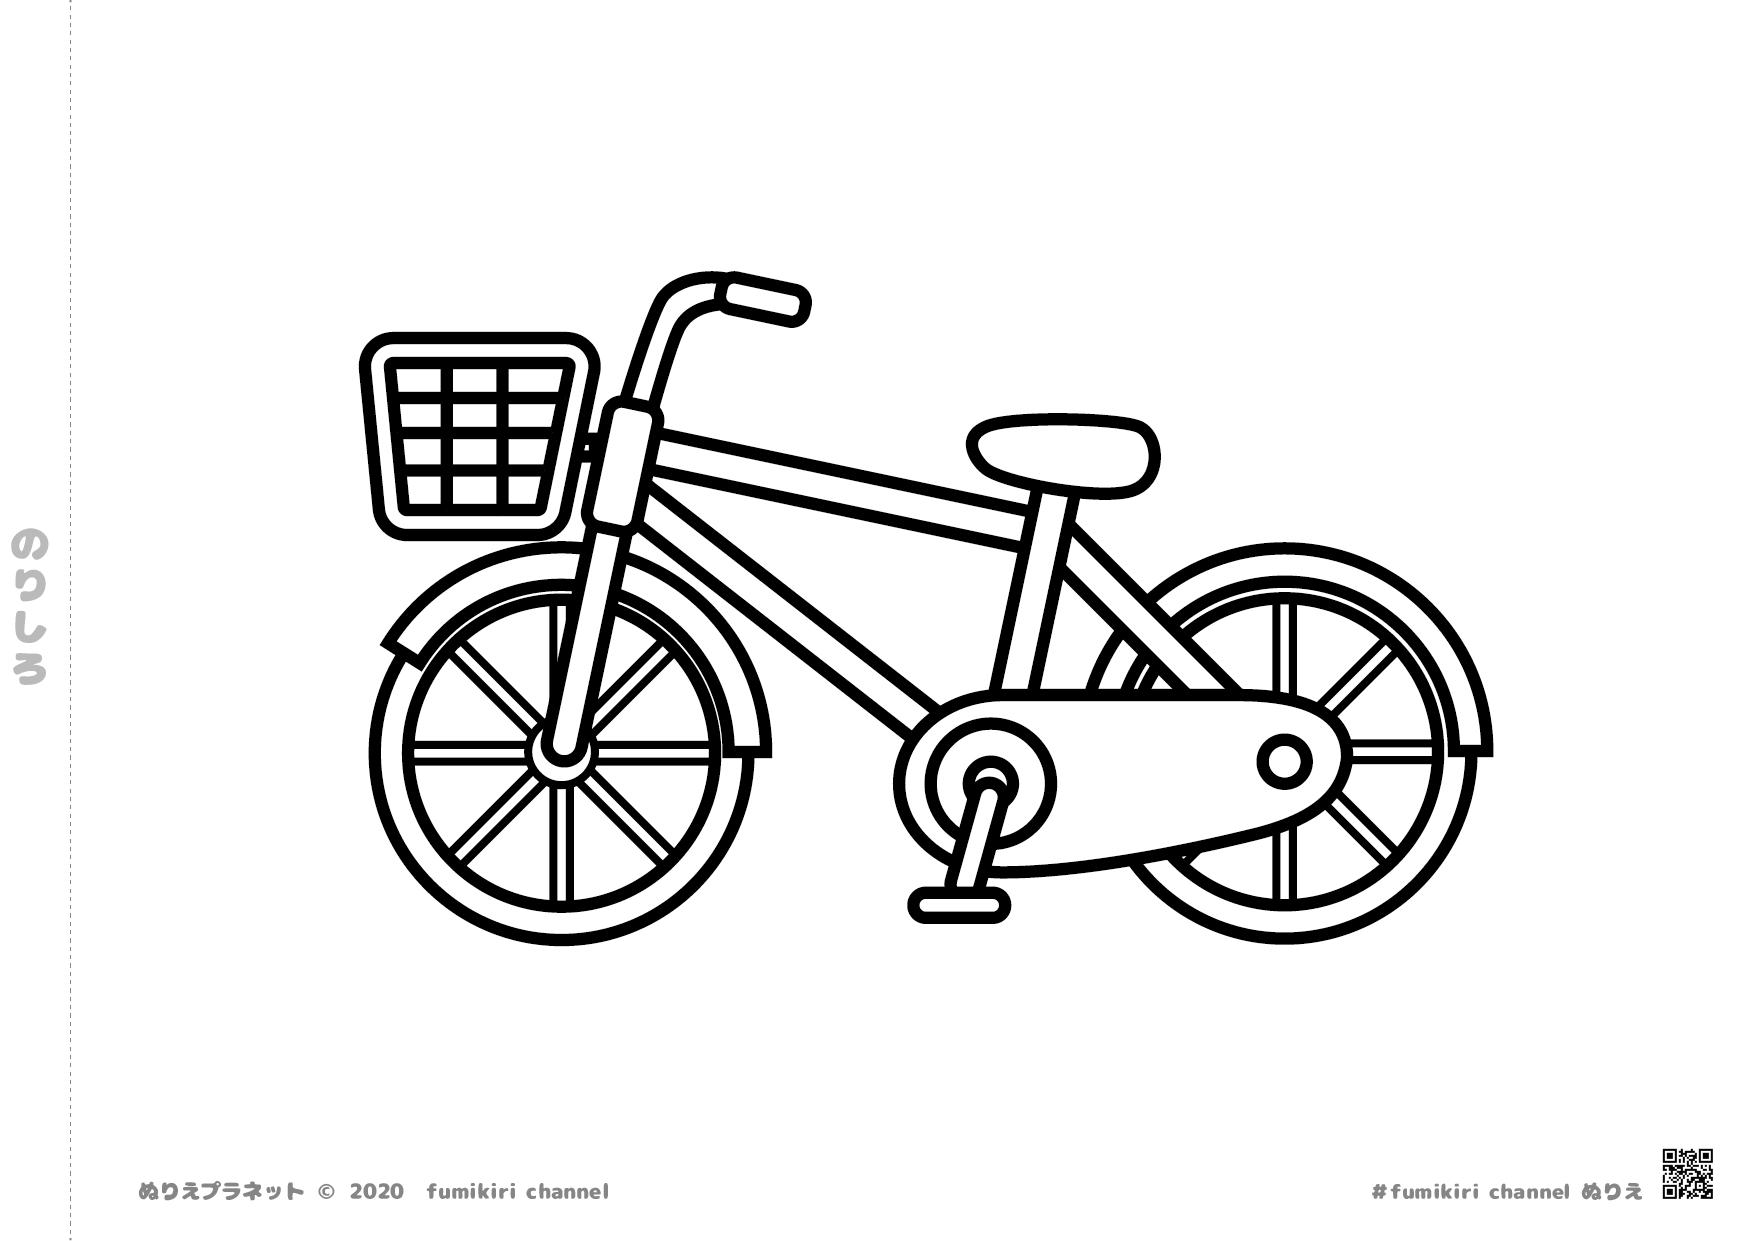 前にカゴがついている自転車のぬりえ